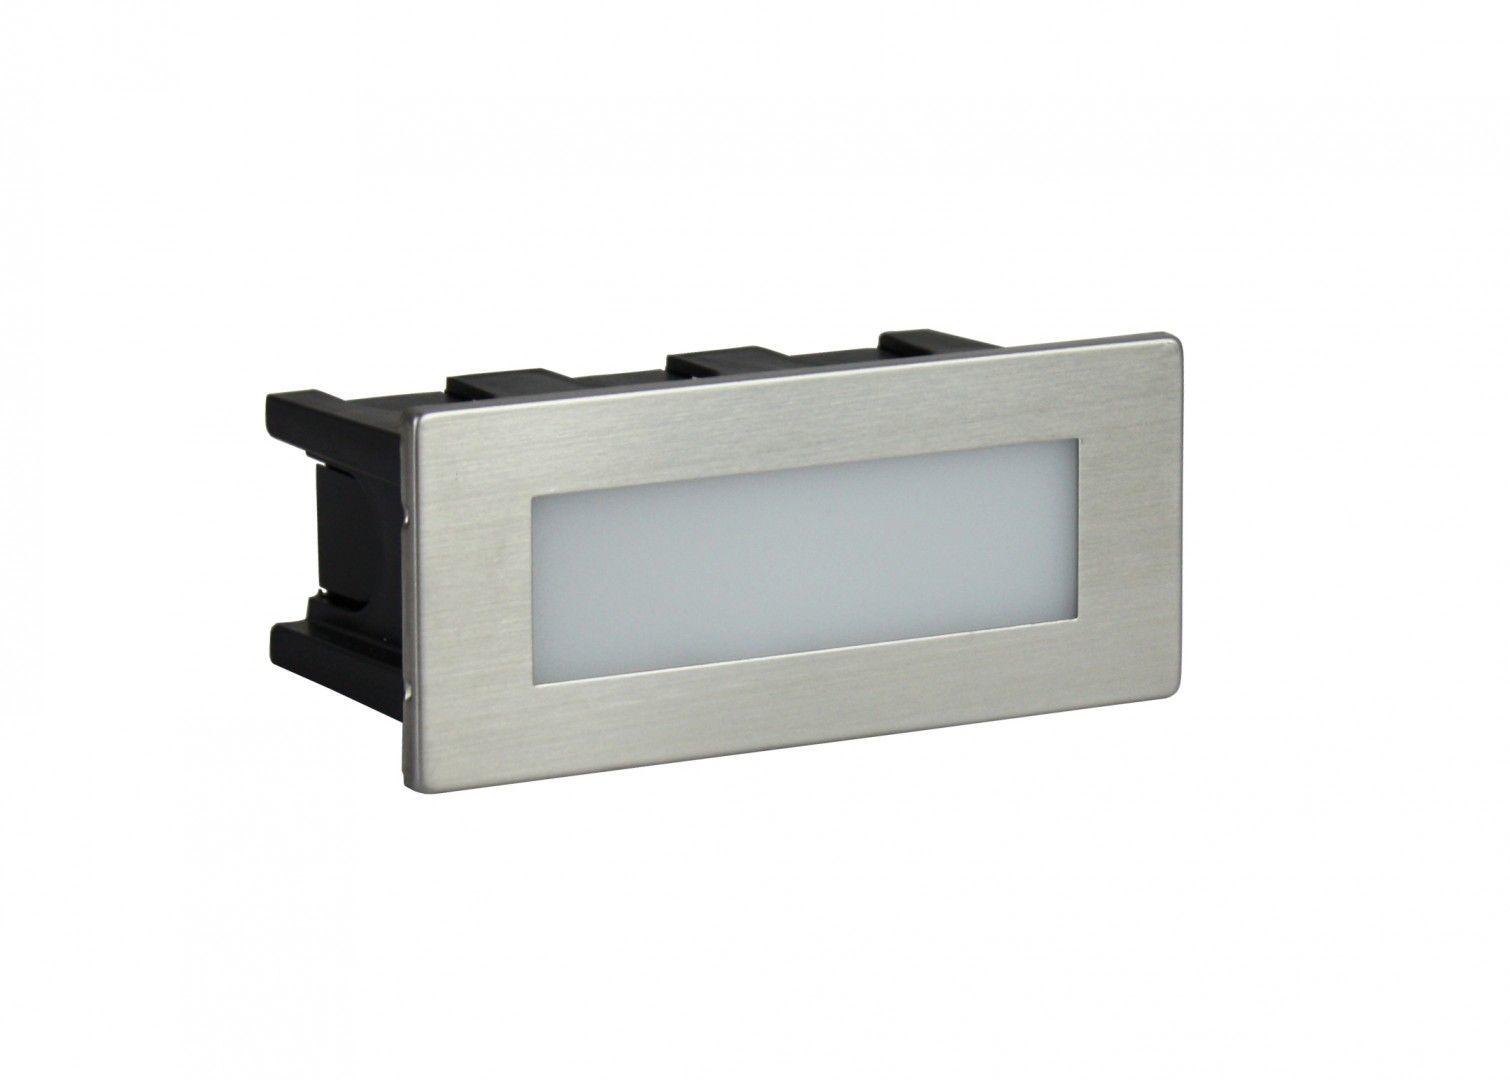 SU-MA Mur Led Inox E 04 oprawa do wbudowania LED 1,5W 3000K IP65